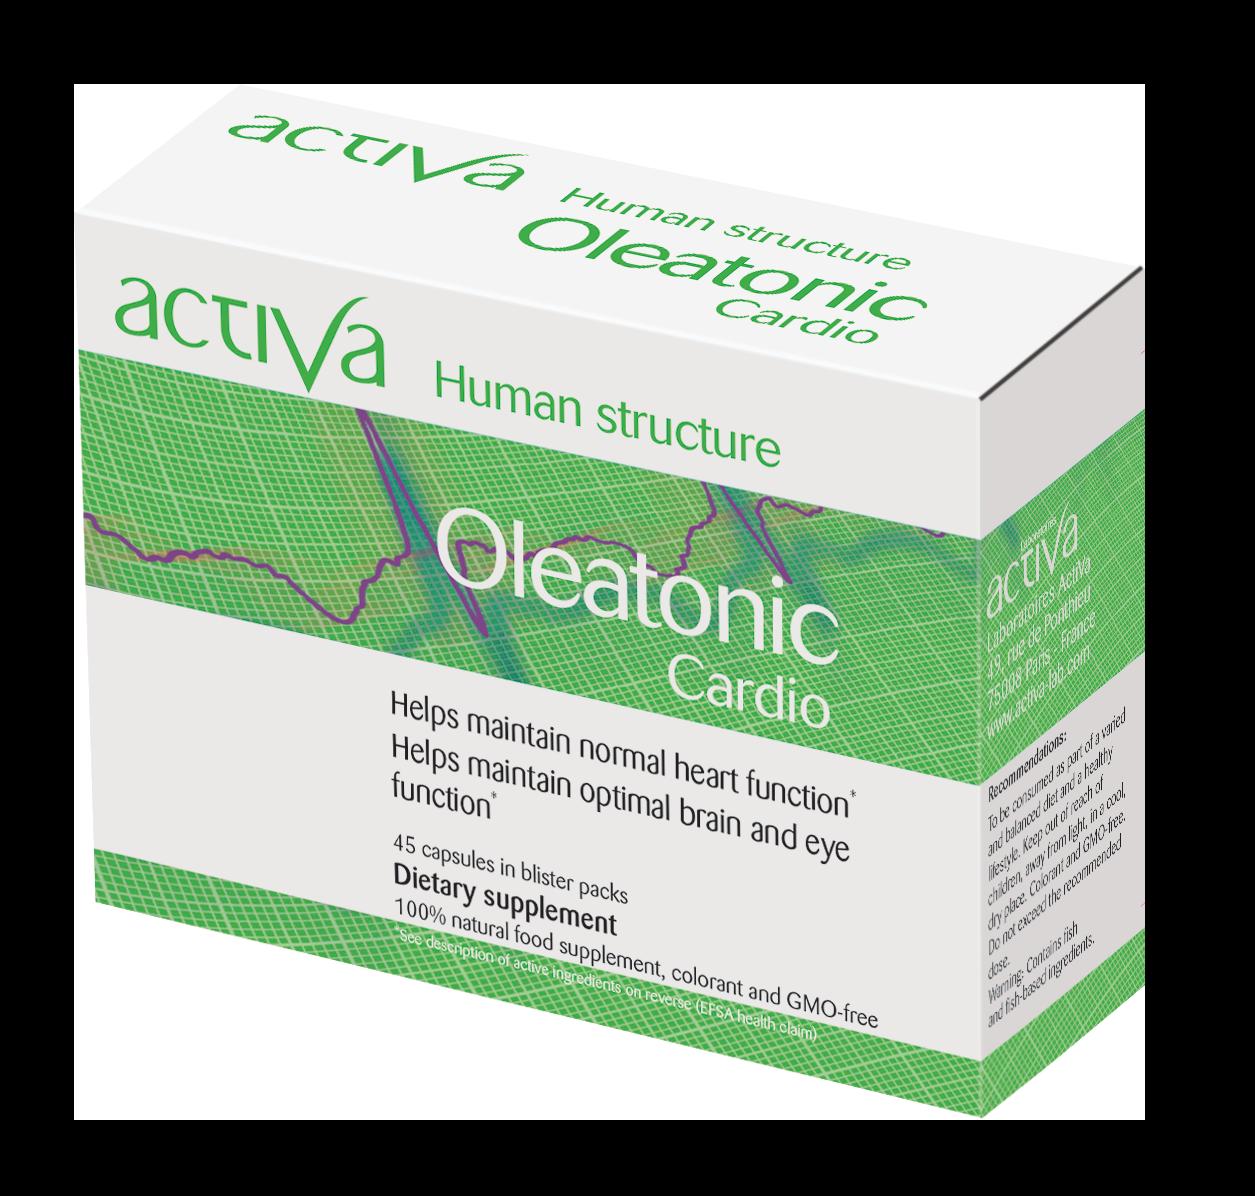 Oleatonic Cardio